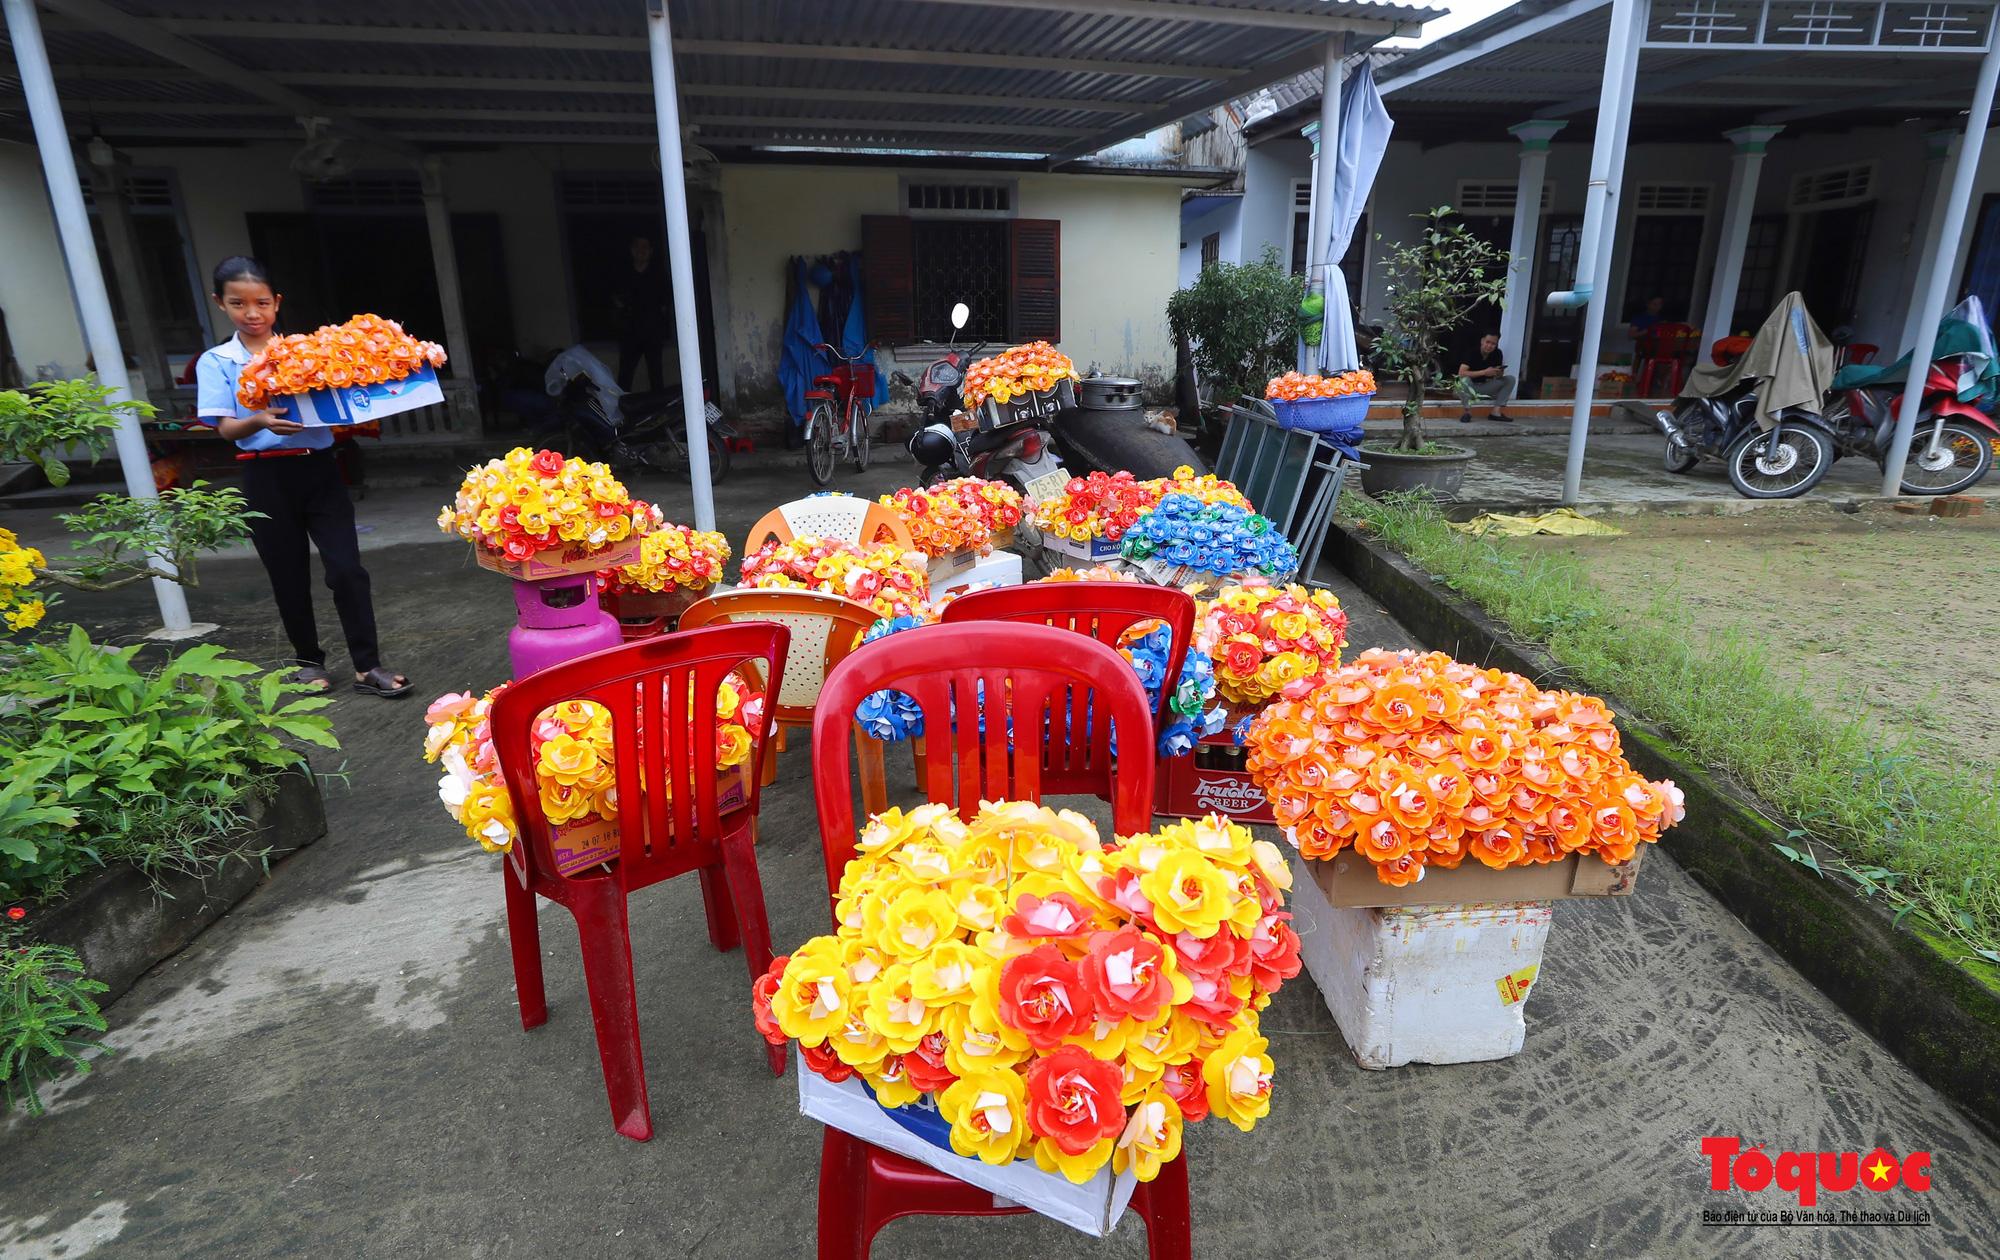 Rực rỡ sắc màu hoa Tết tại làng nghề hoa giấy hơn 300 tuổi - Ảnh 1.